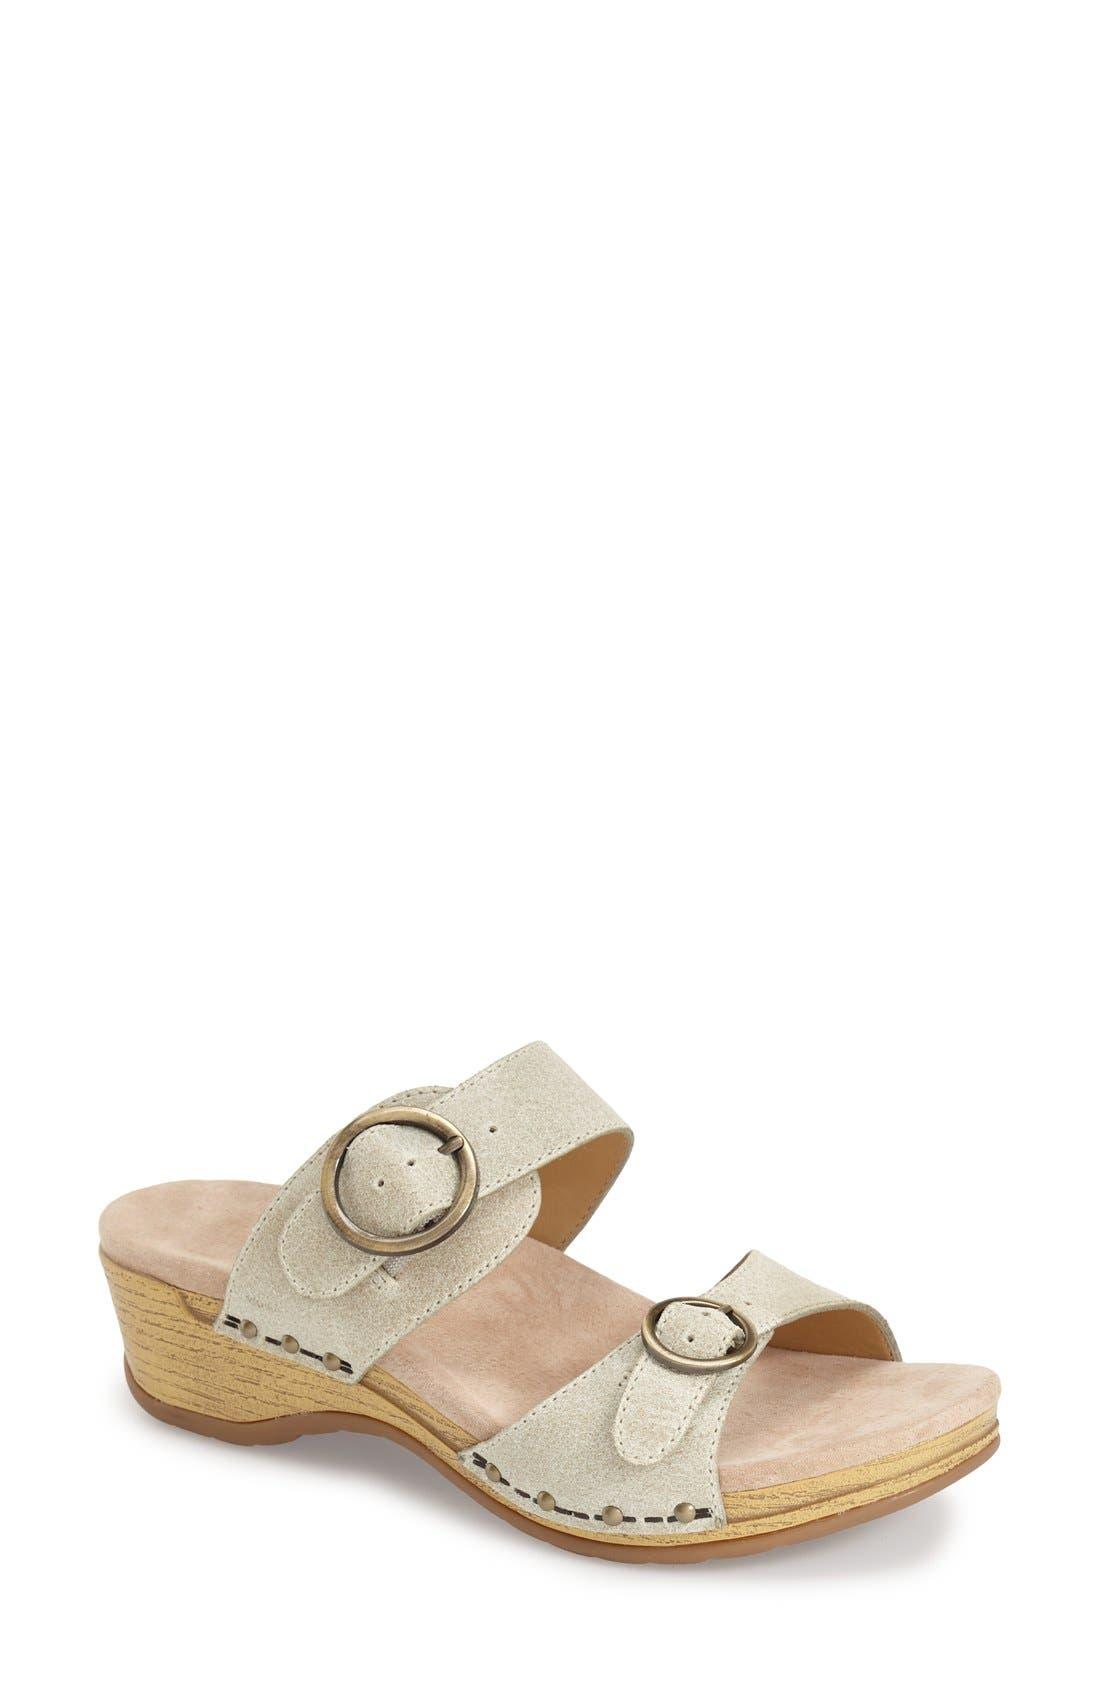 Alternate Image 1 Selected - Dansko 'Manda' Slide Sandal (Women)